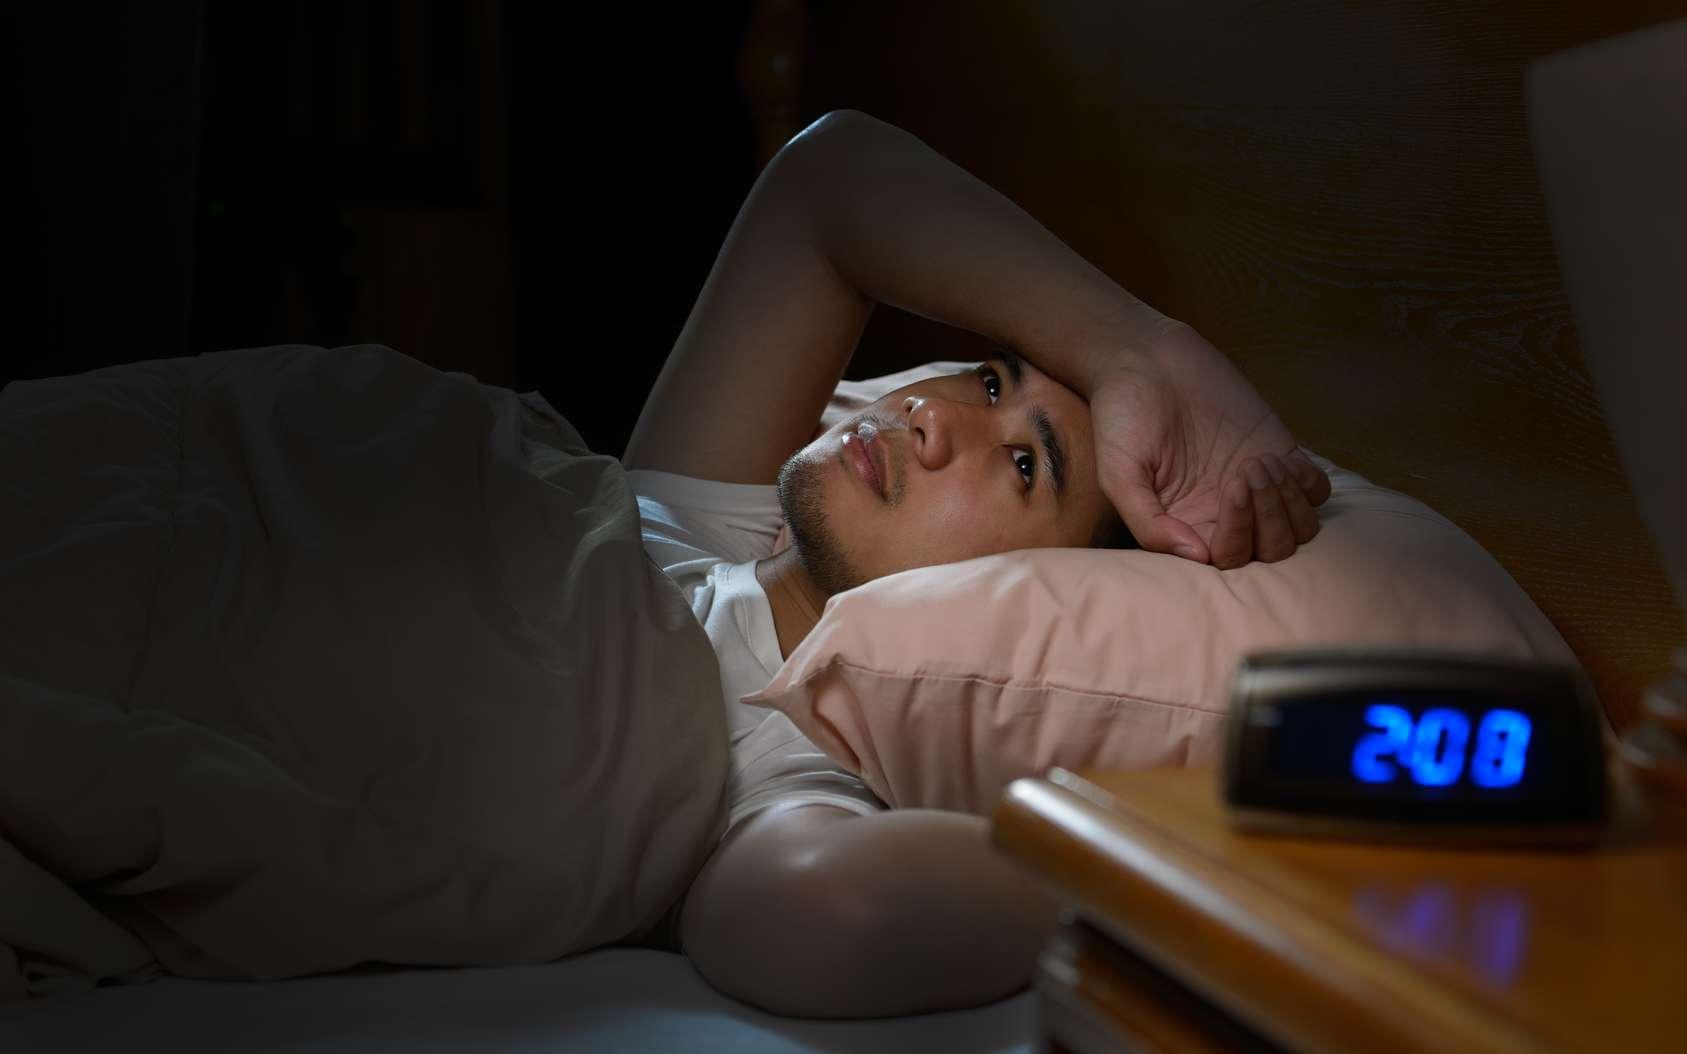 La personne insomniaque n'arrive pas à s'endormir ou se réveille la nuit ou bien trop tôt le matin. © amenic181, fotolia